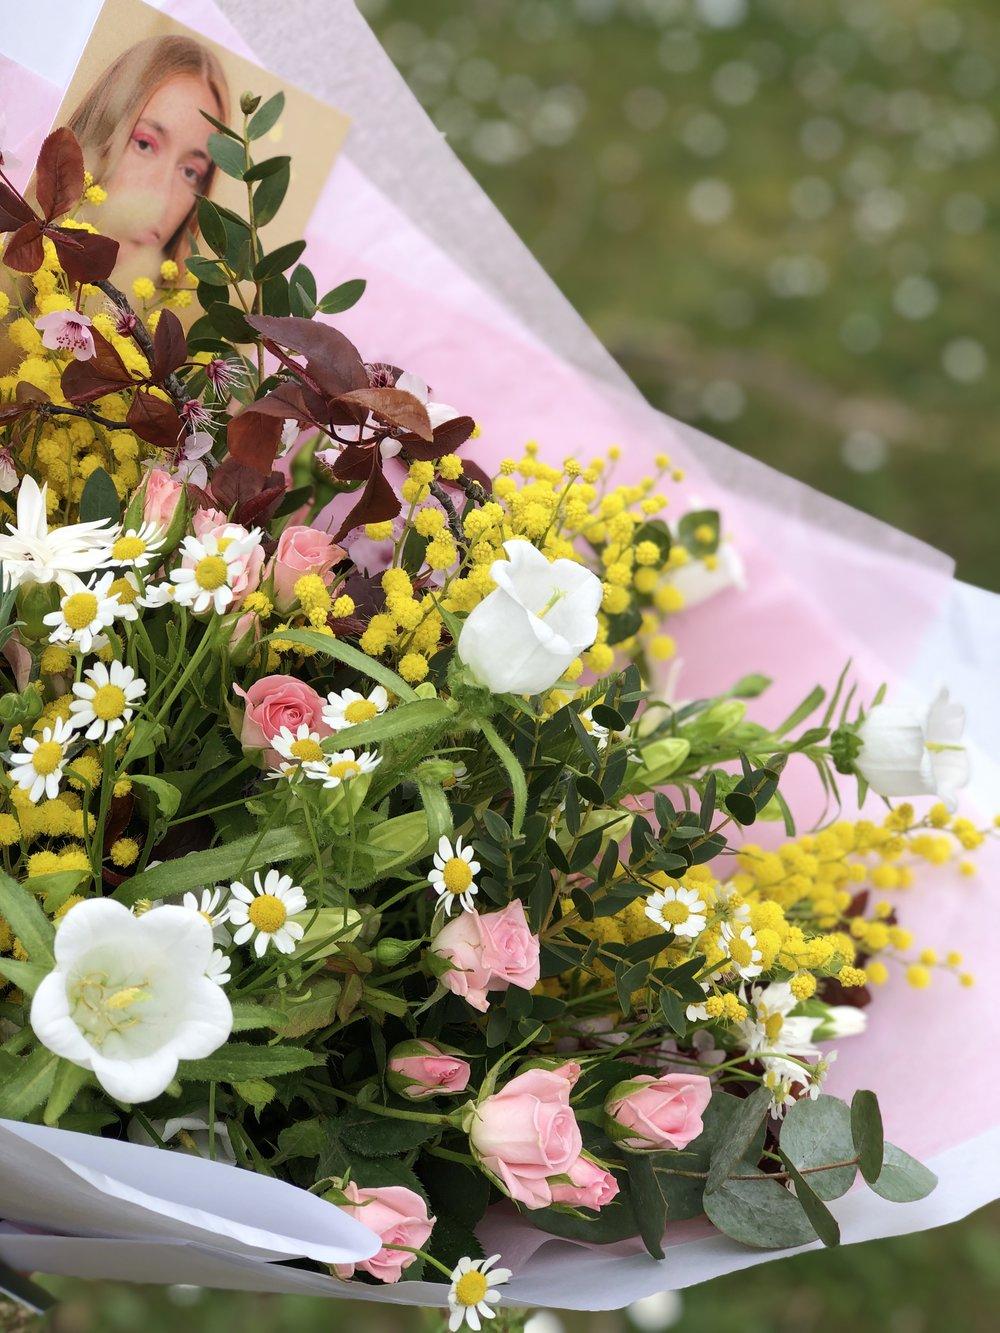 Abonnement Multifleurs - Bouquet composé de plusieurs variétés de fleurs.A partir de 26,91€/moisLivraison comprise